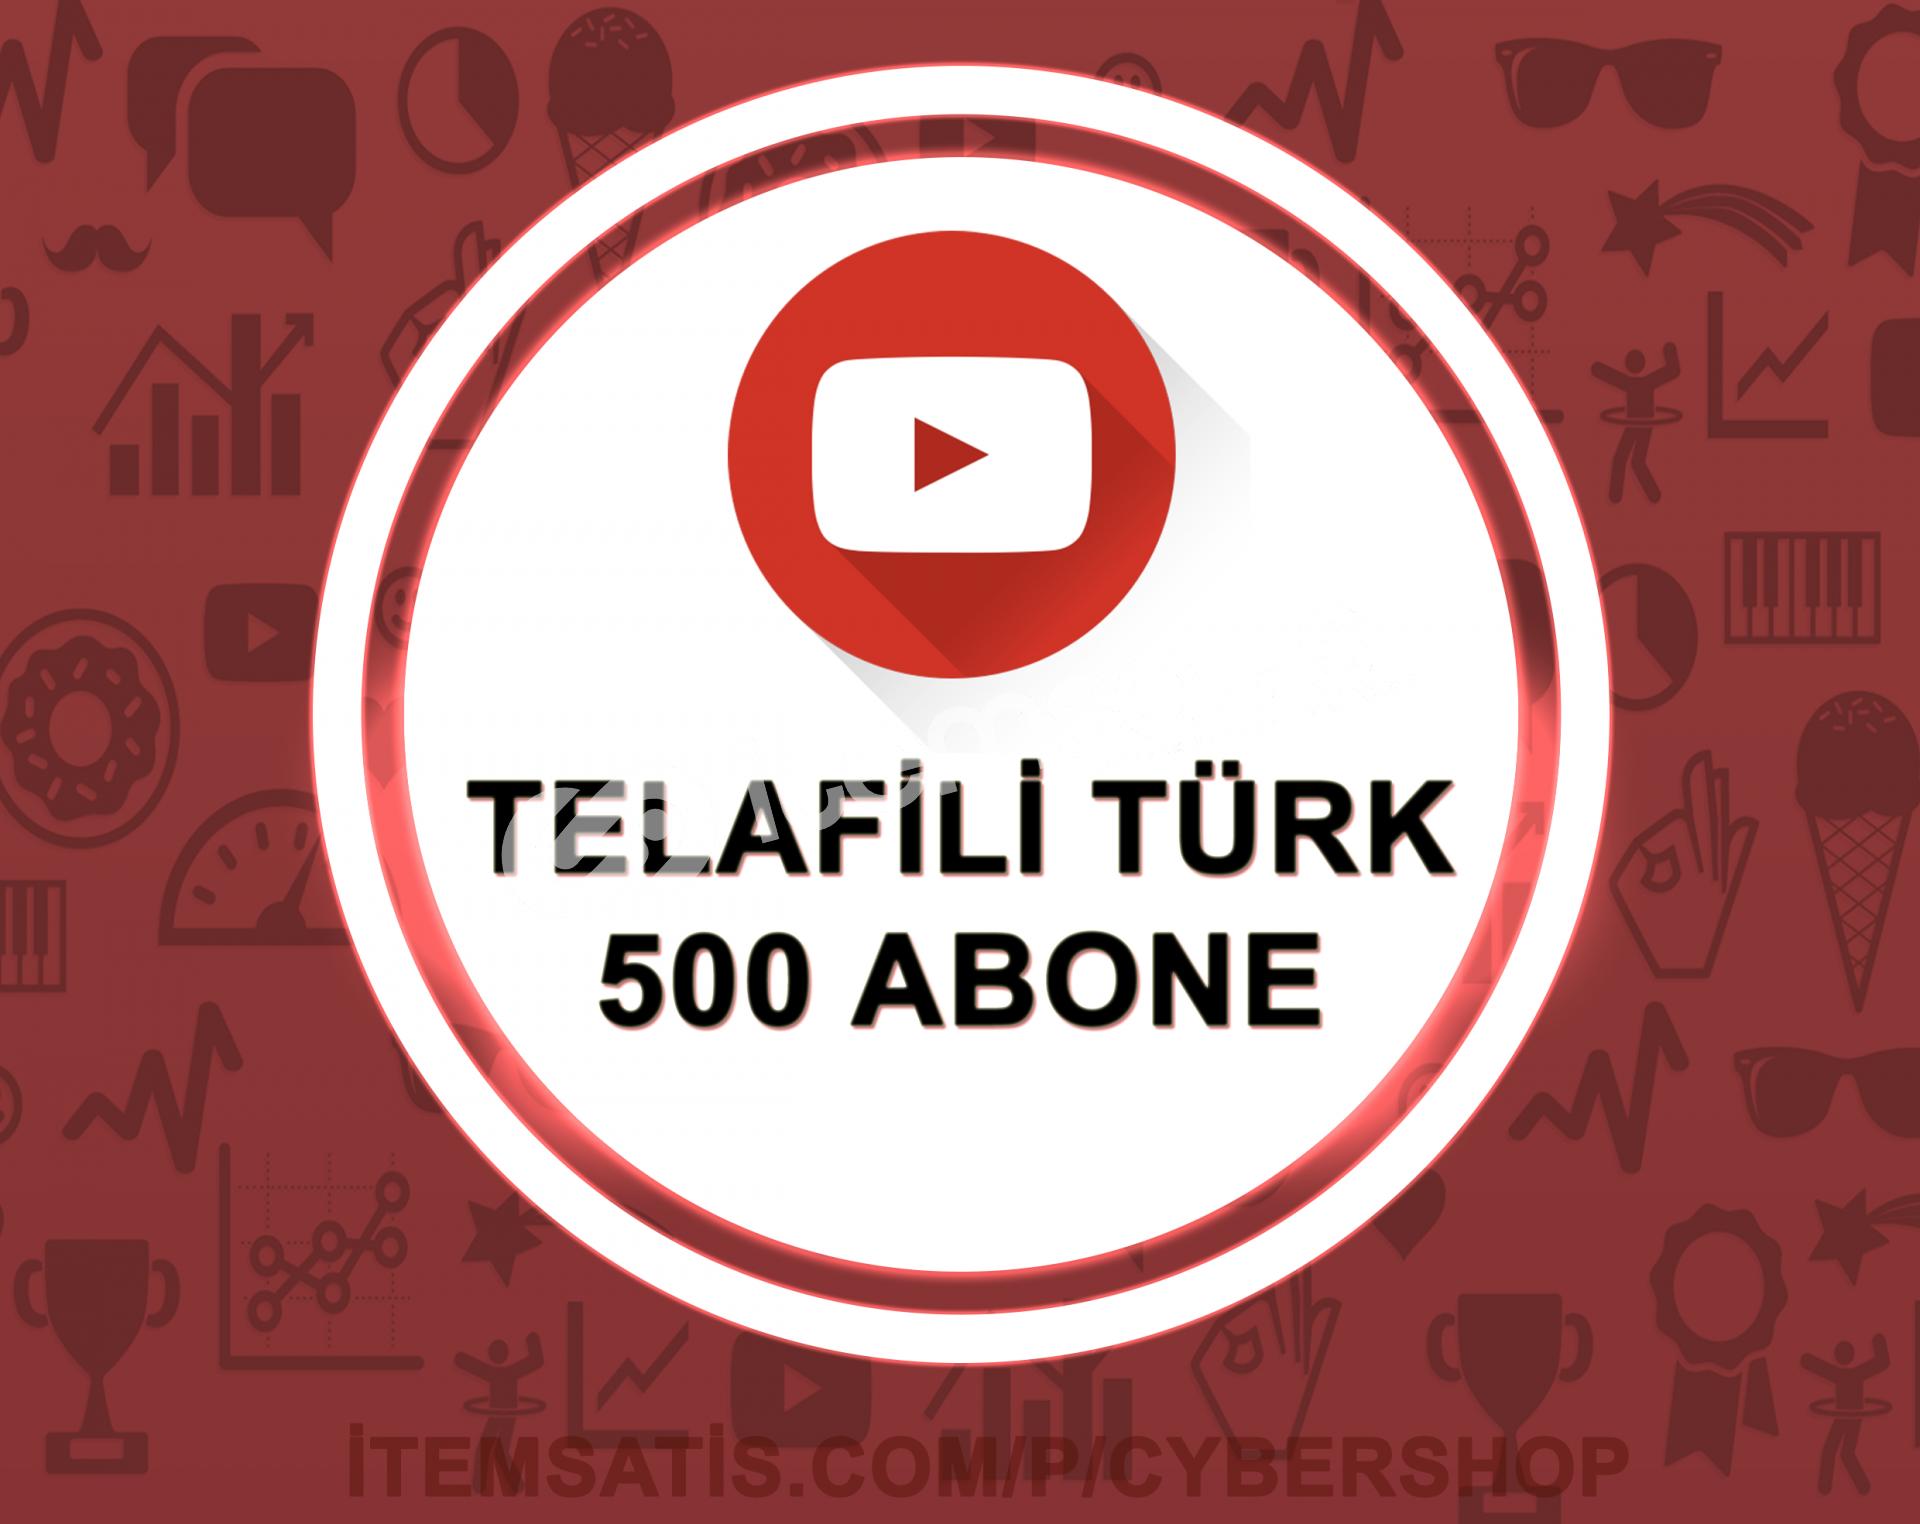 15 Gün Telafili Türk 500 Abone (Hızlı Teslimat)